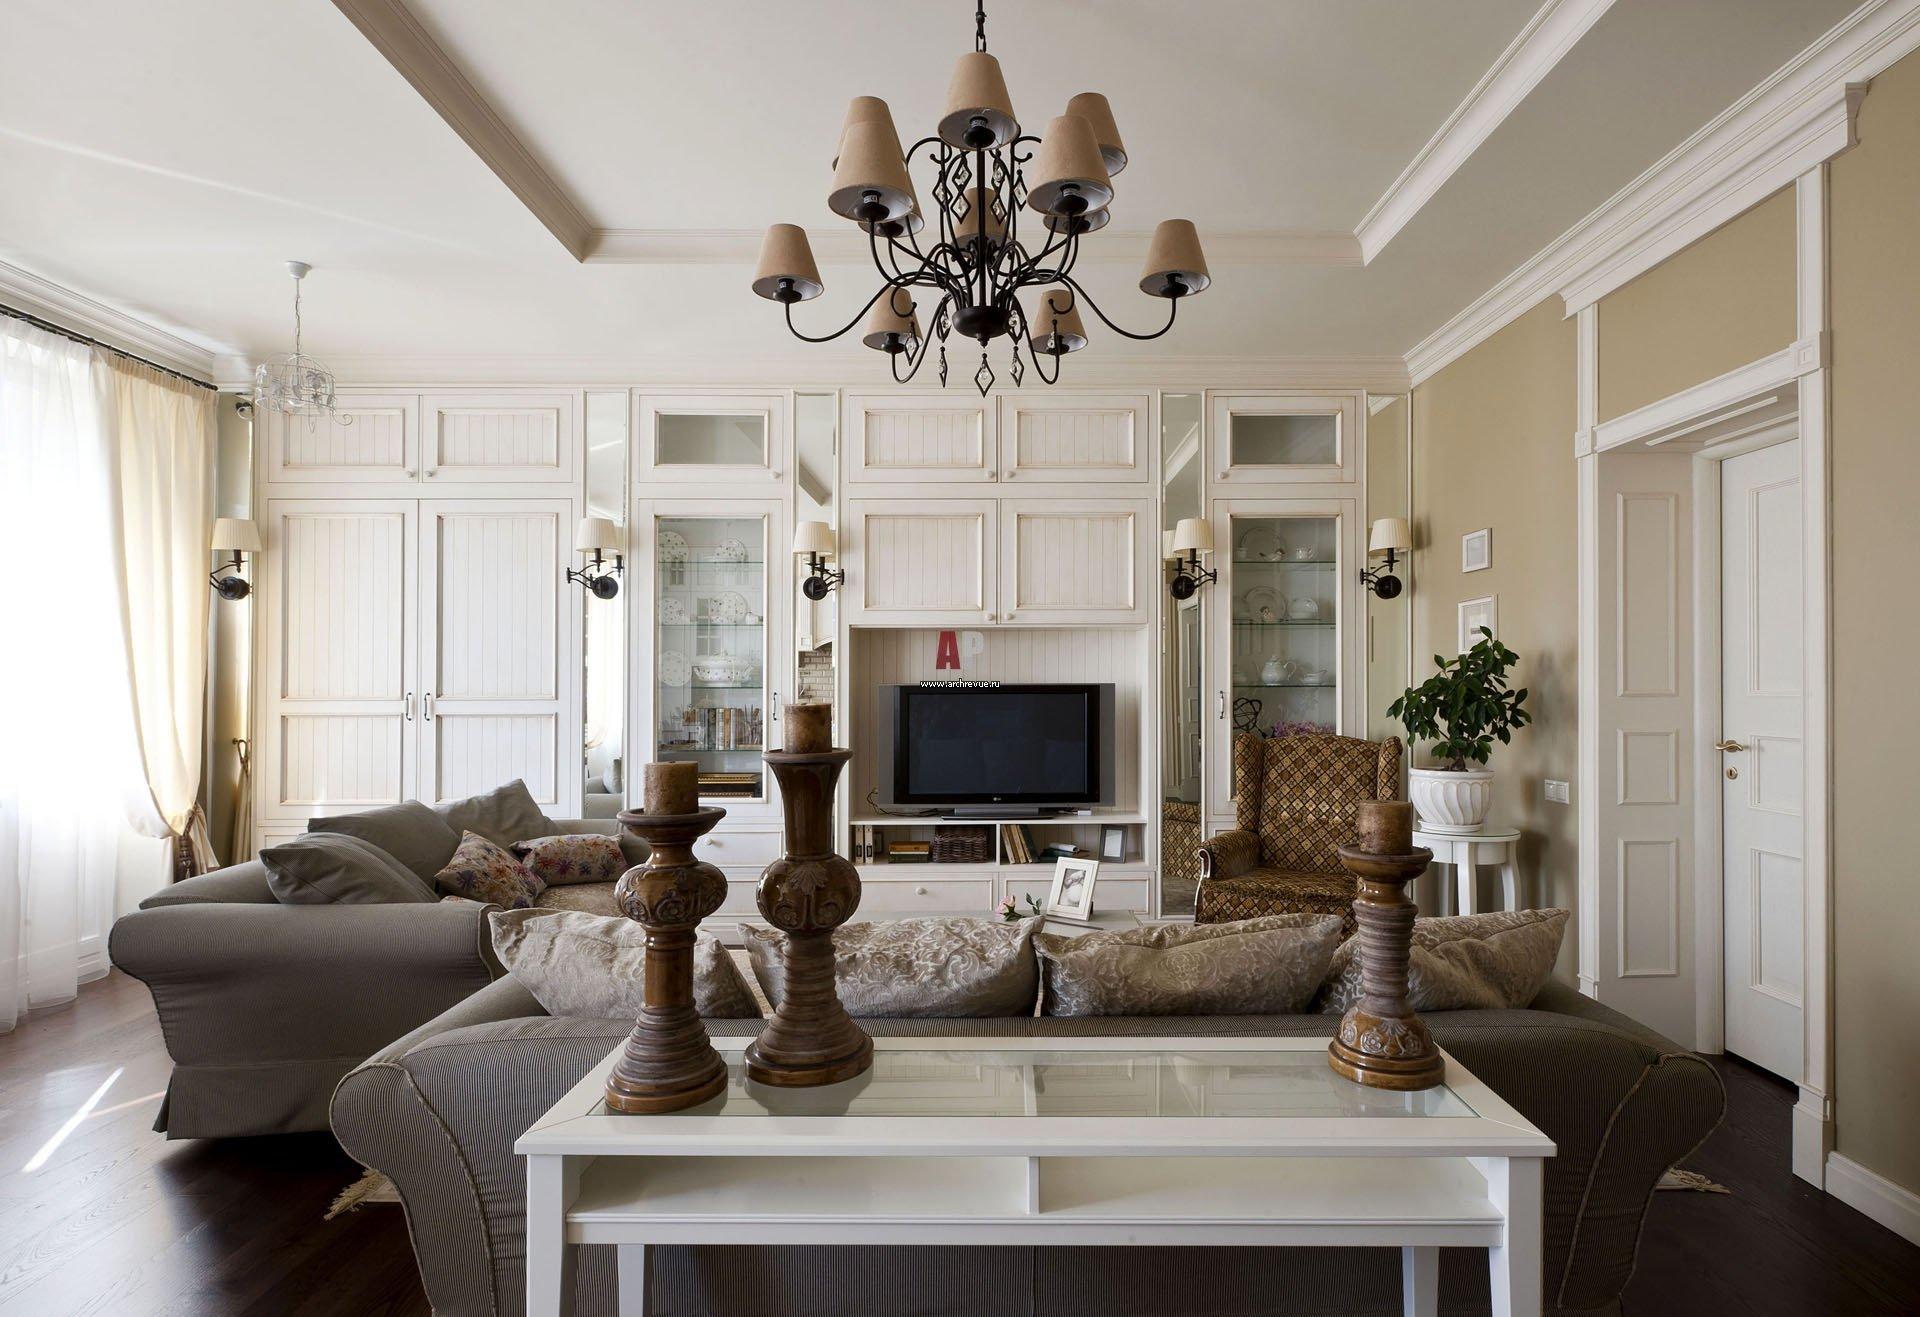 Дизайн в стиле прованс: обустройство дома, квартиры, садового участка